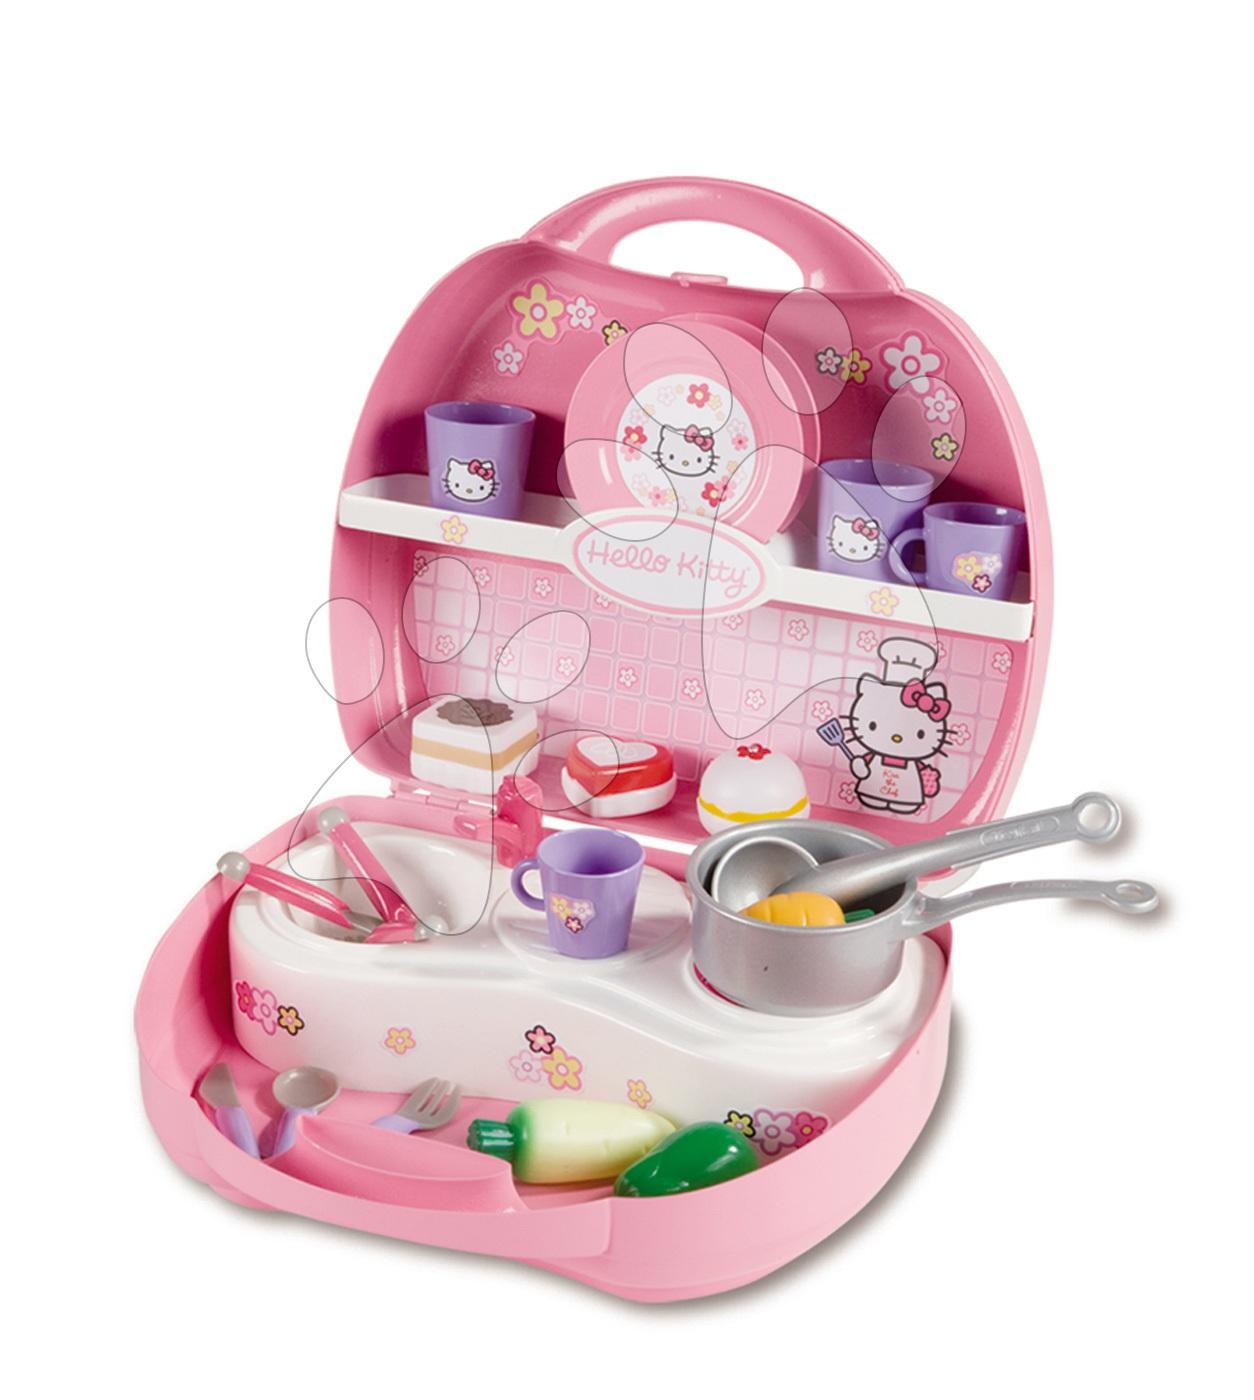 Kuchynka Hello Kitty Mini Cuisine Smoby v kufríku s 20 doplnkami svetloružová